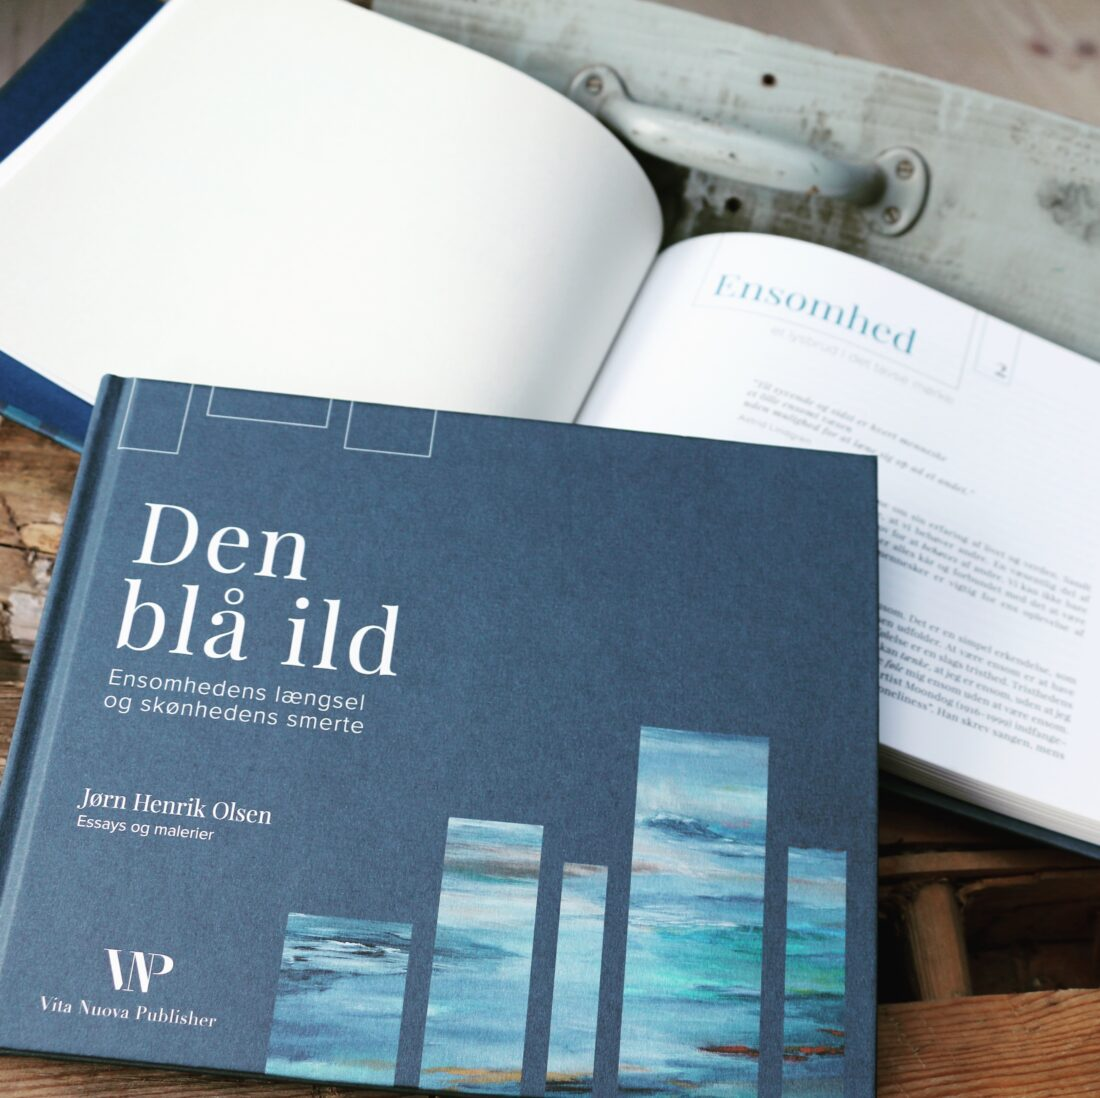 Den_blaa_ild_bogdesign